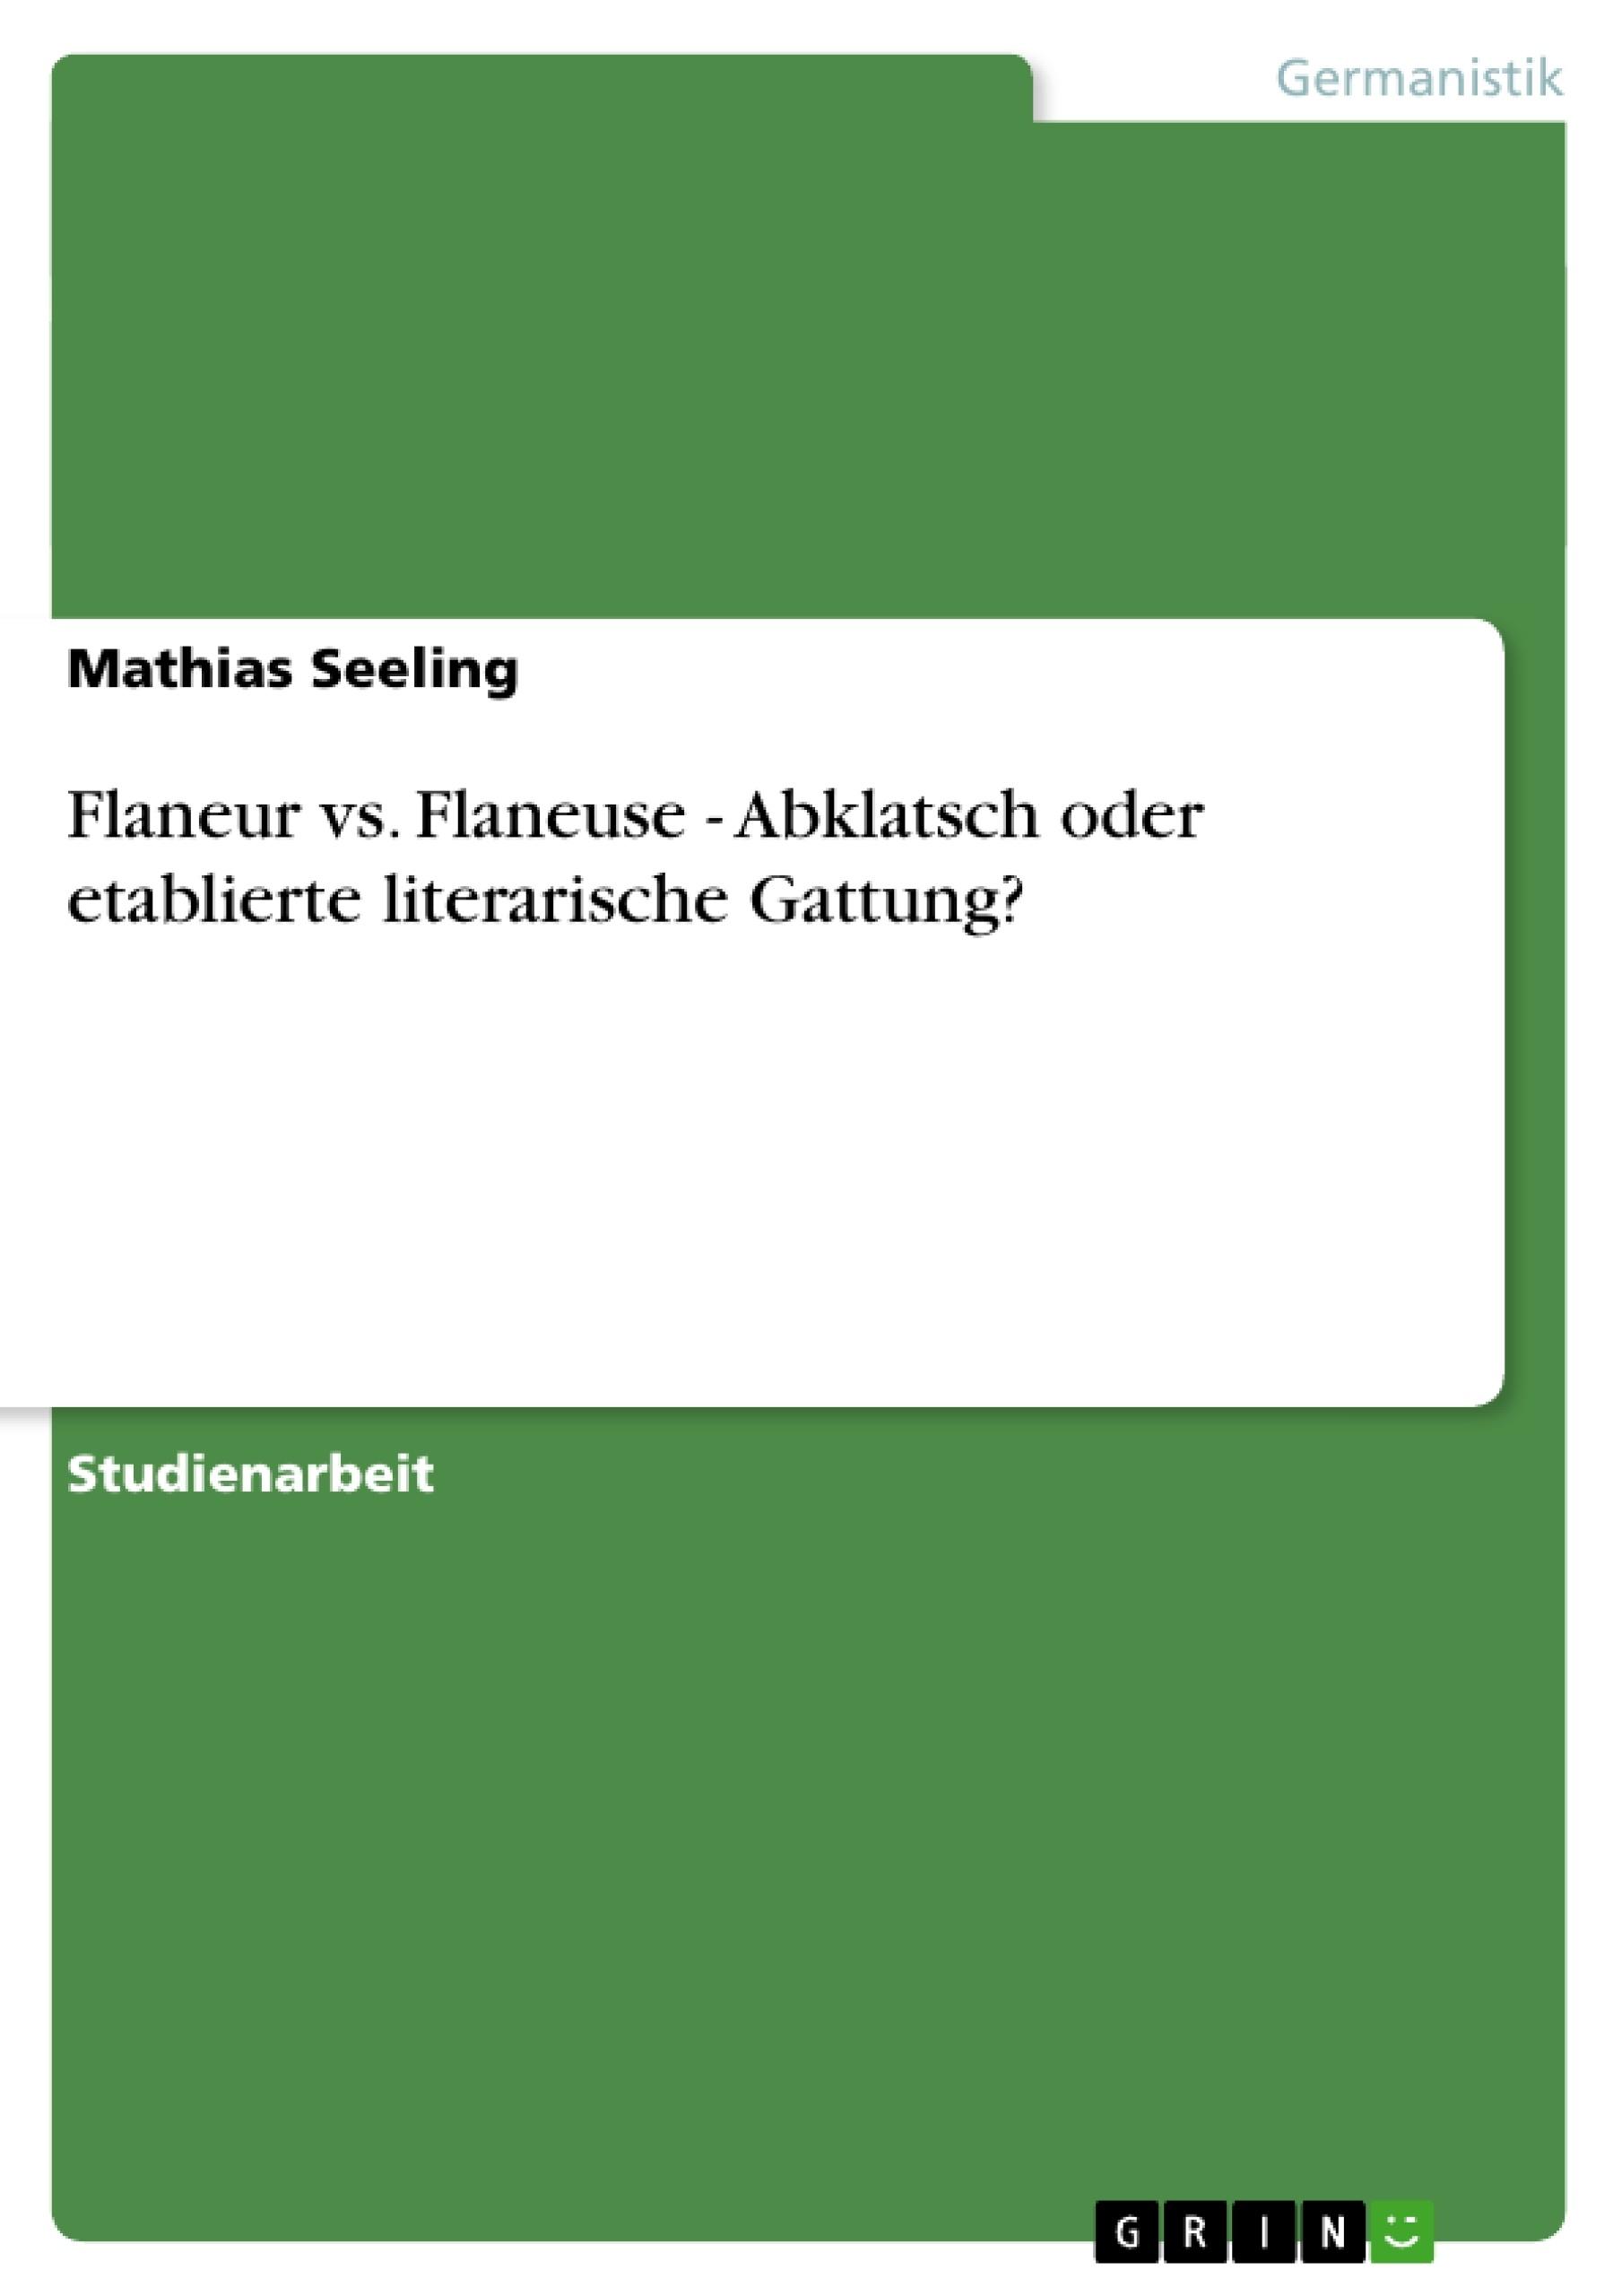 Titel: Flaneur vs. Flaneuse - Abklatsch oder etablierte literarische Gattung?